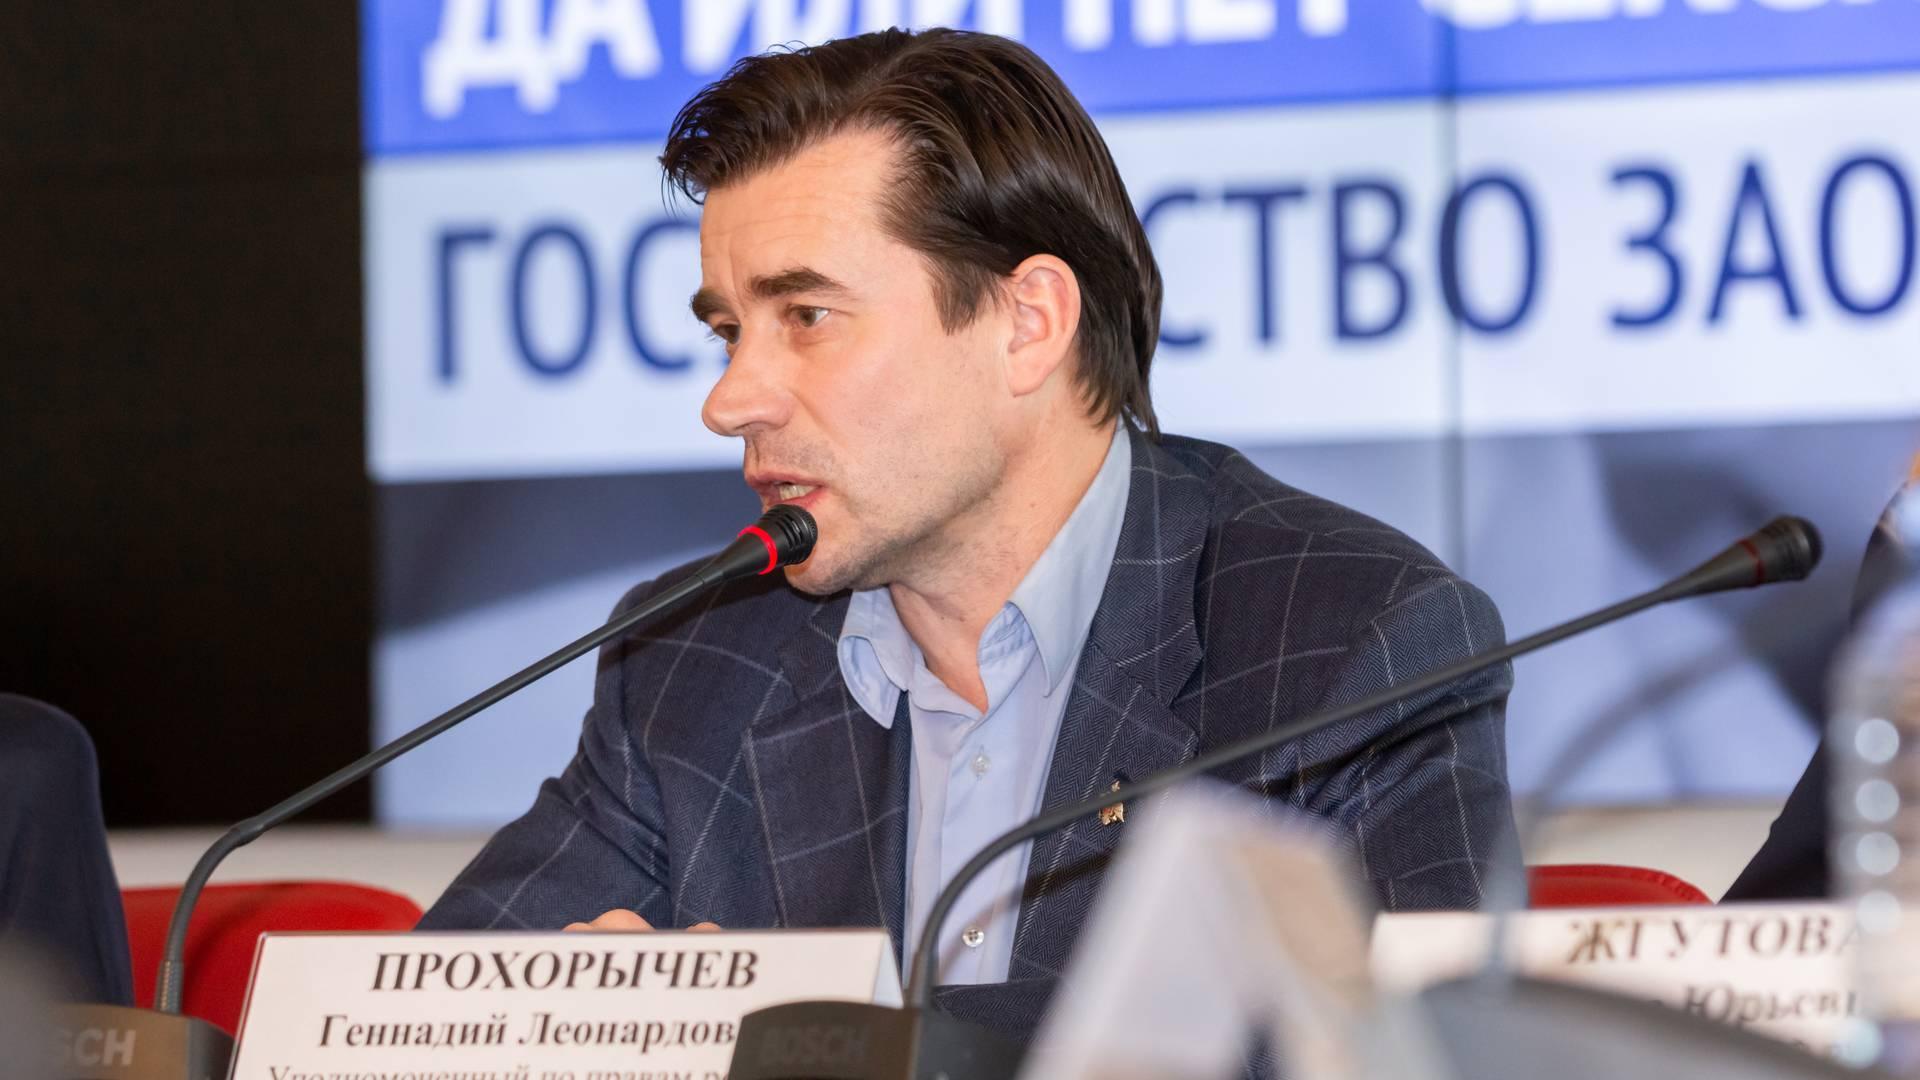 Геннадий Прохорычев